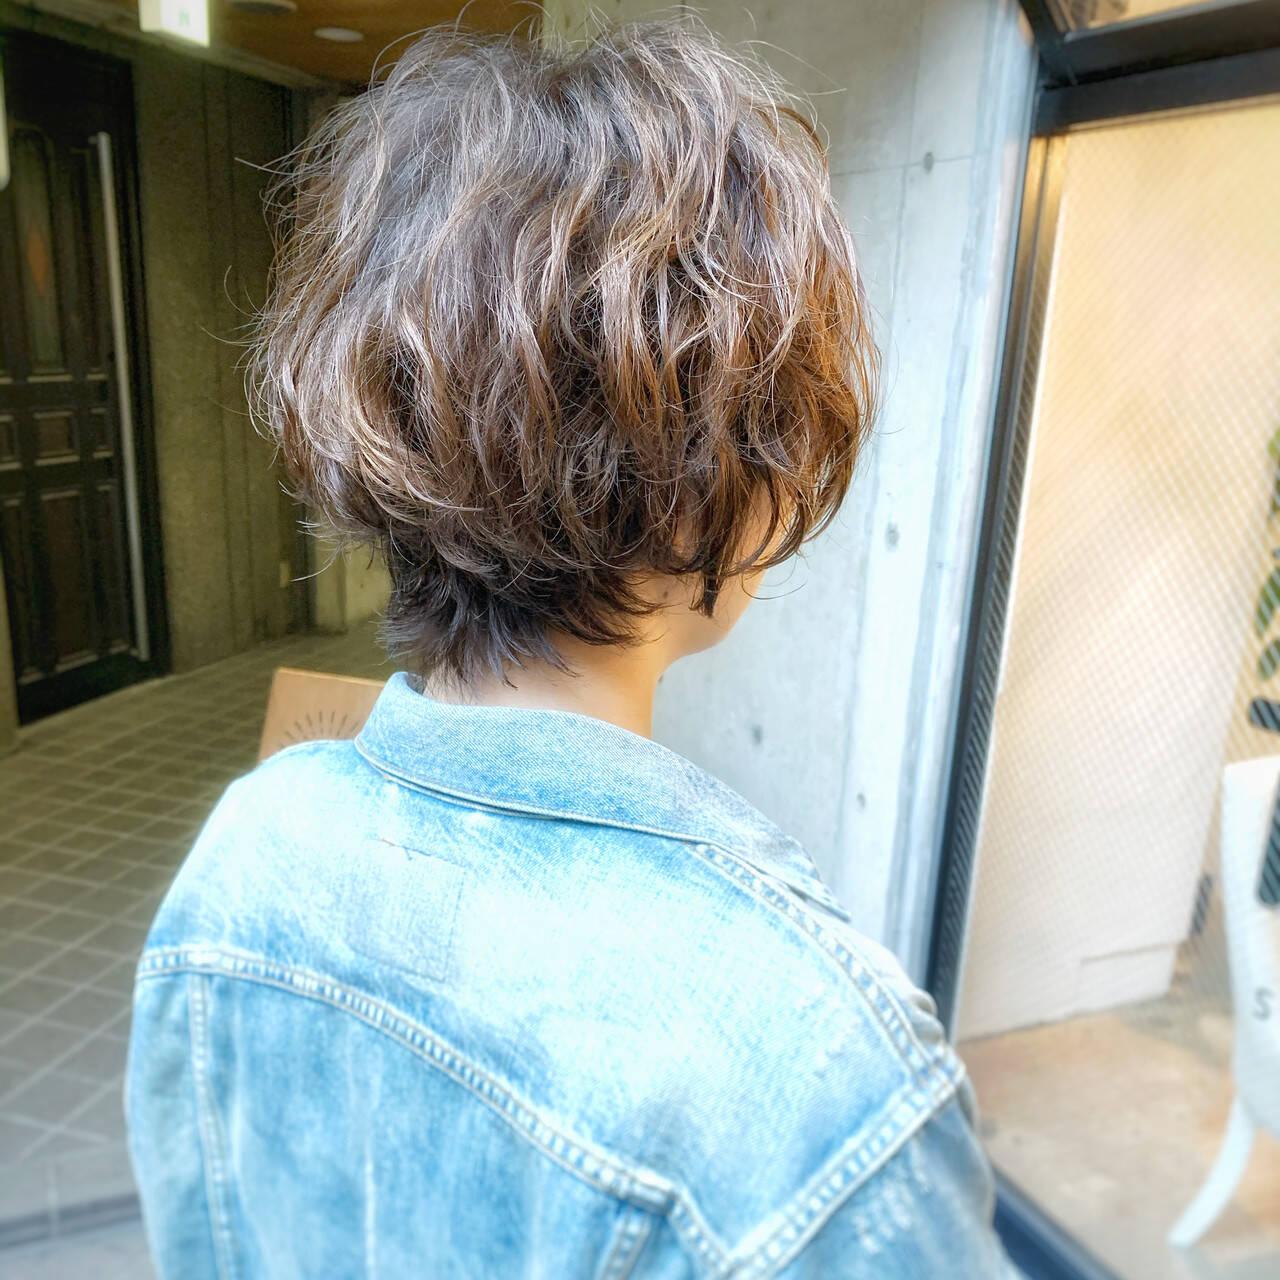 ゆるふわ ショート くせ毛 パーマヘアスタイルや髪型の写真・画像